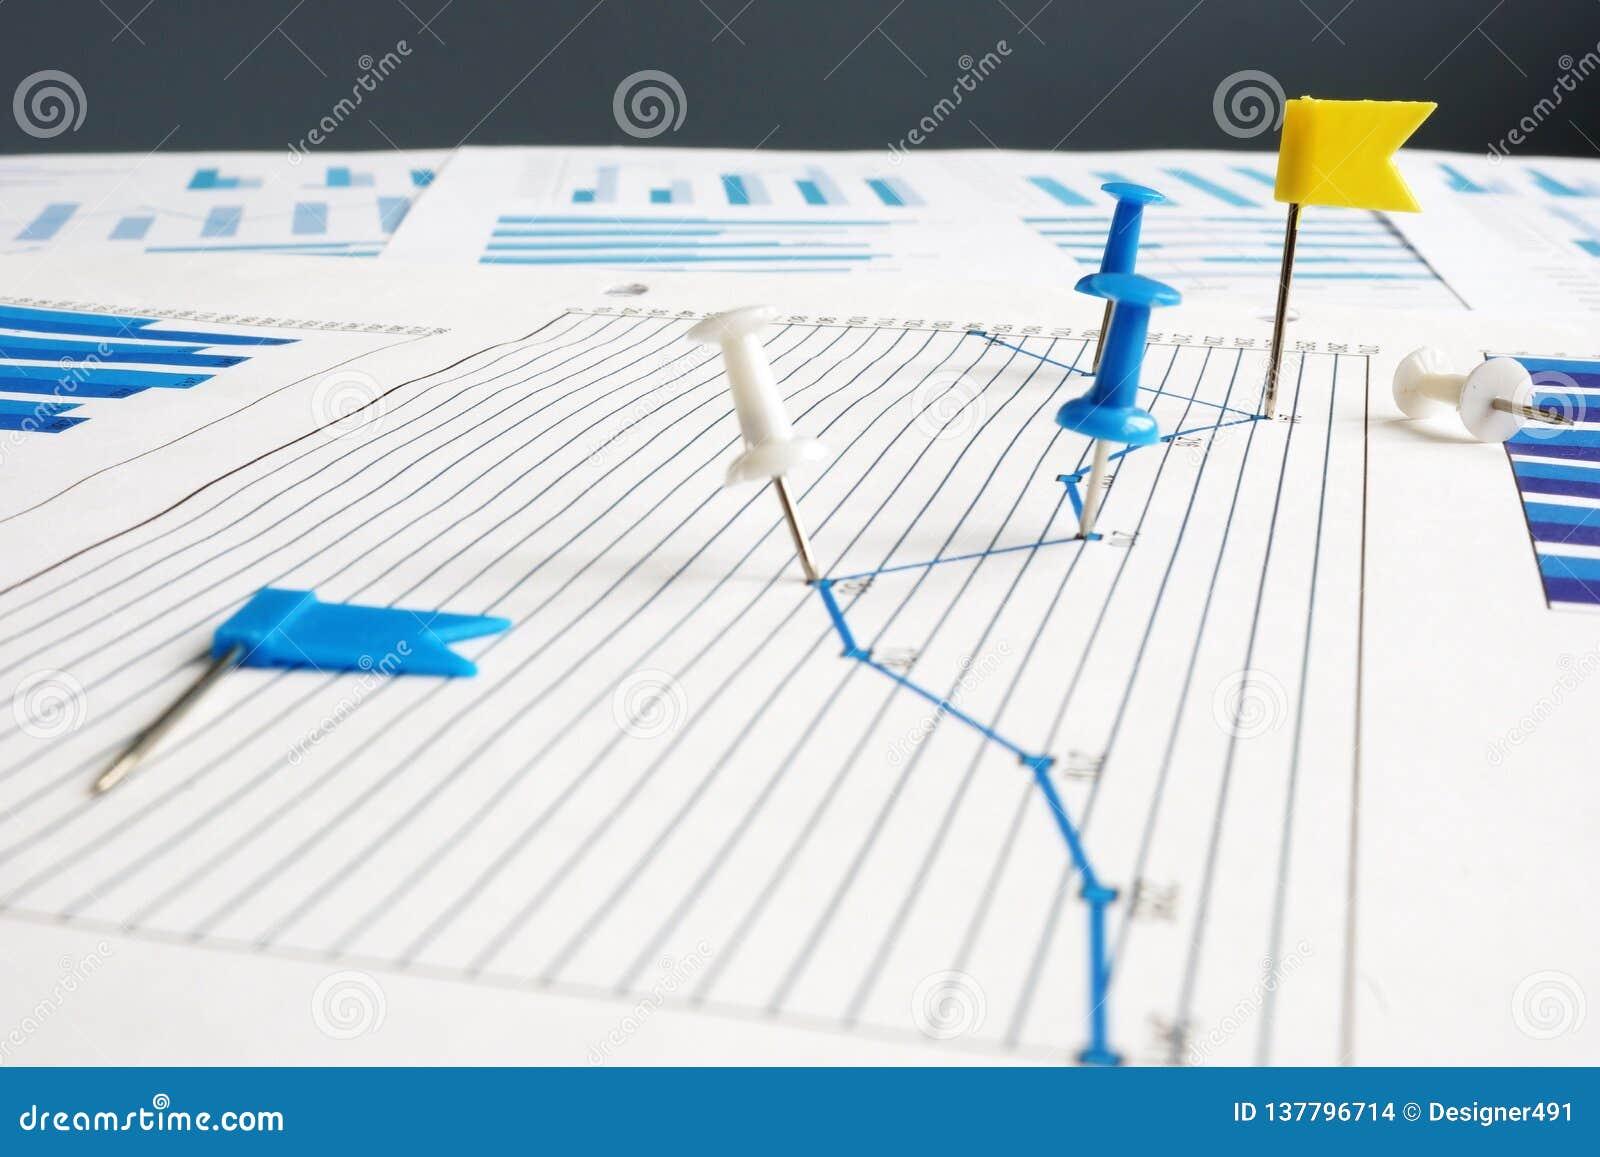 Βασικοί δείκτες απόδοσης KPI Καρφιά αντίχειρων και επιχειρησιακά έγγραφα